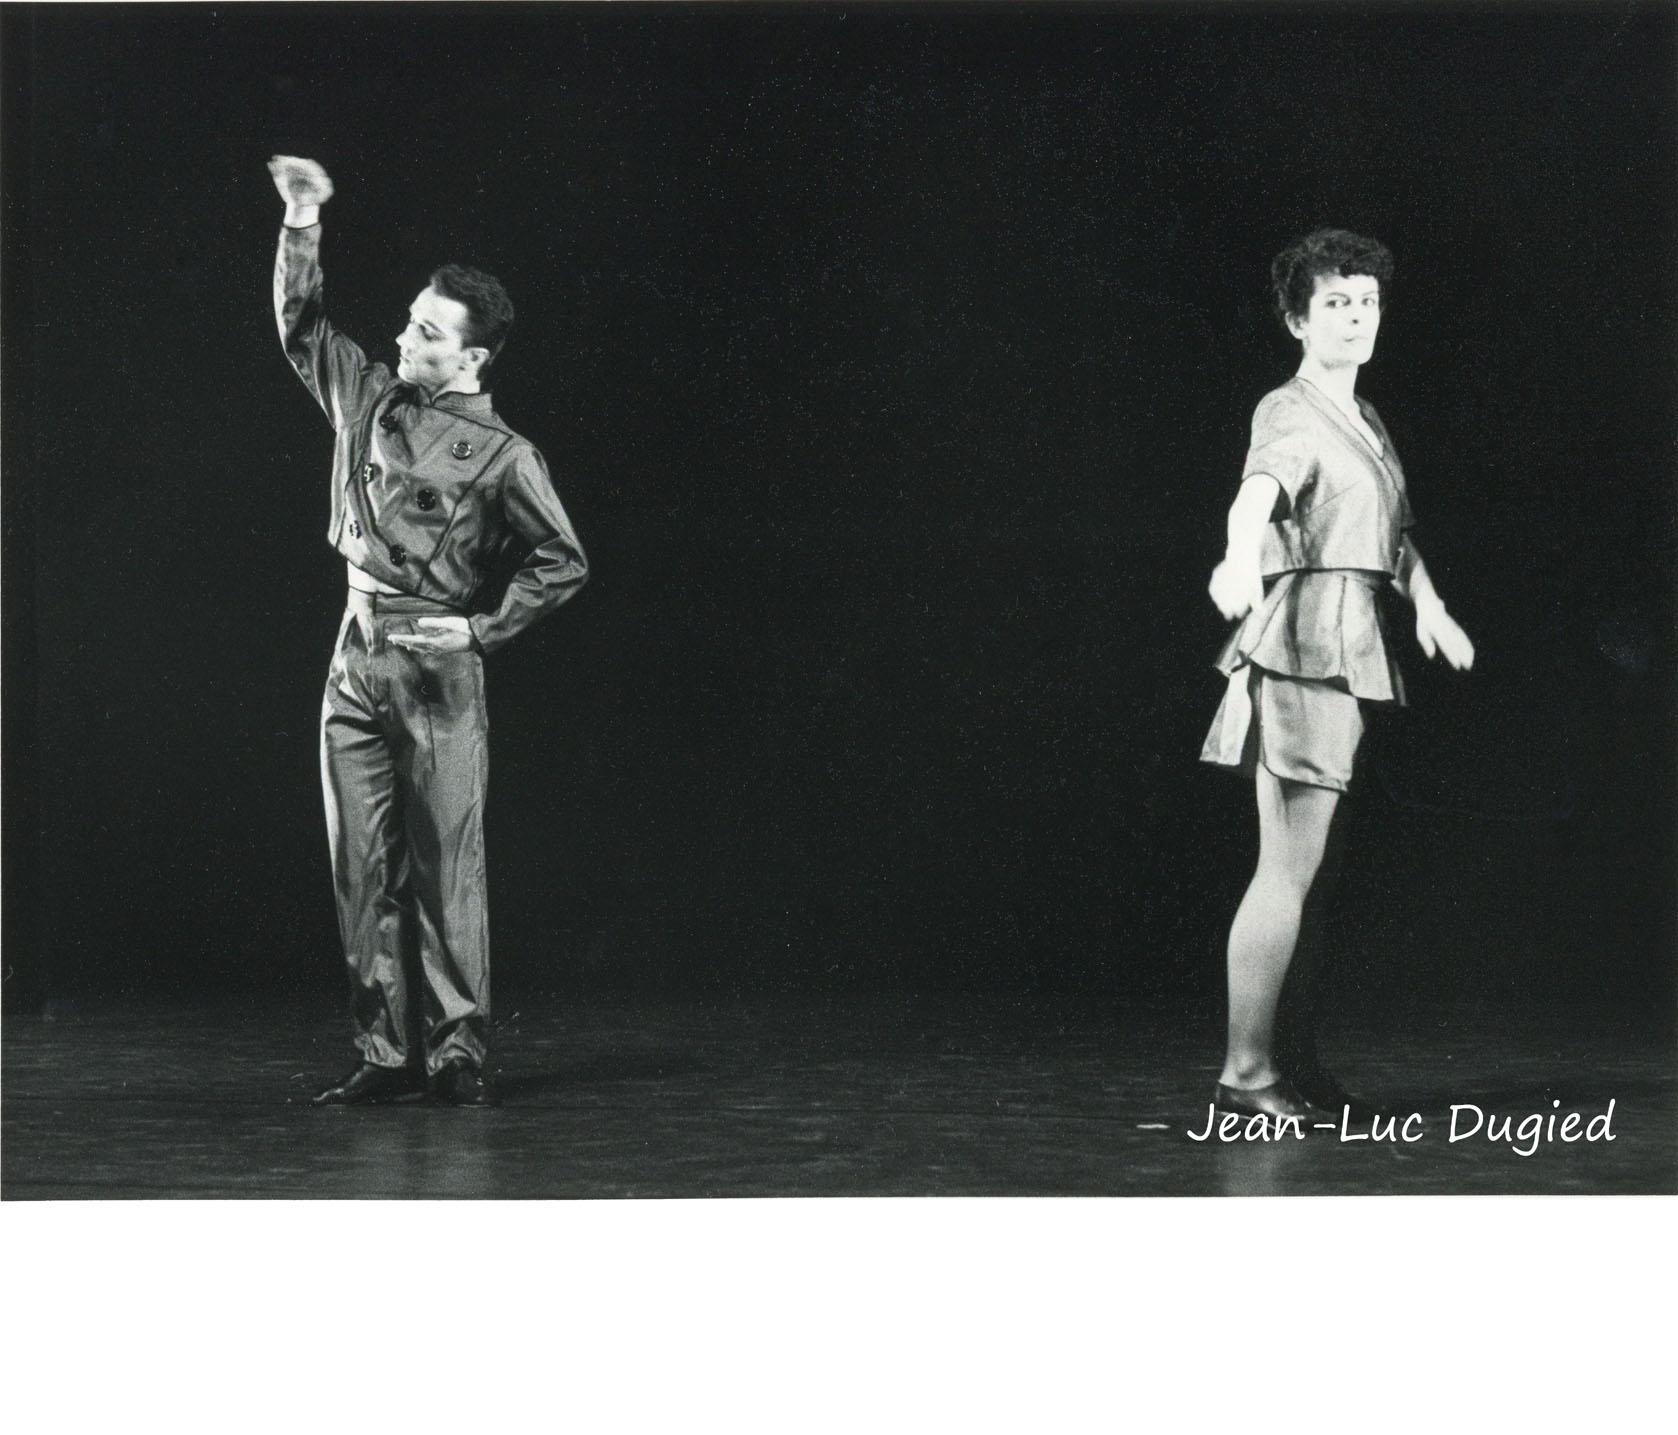 29 Preljocaj Angelin - marché noir - avec Céline Gruyer - 1985